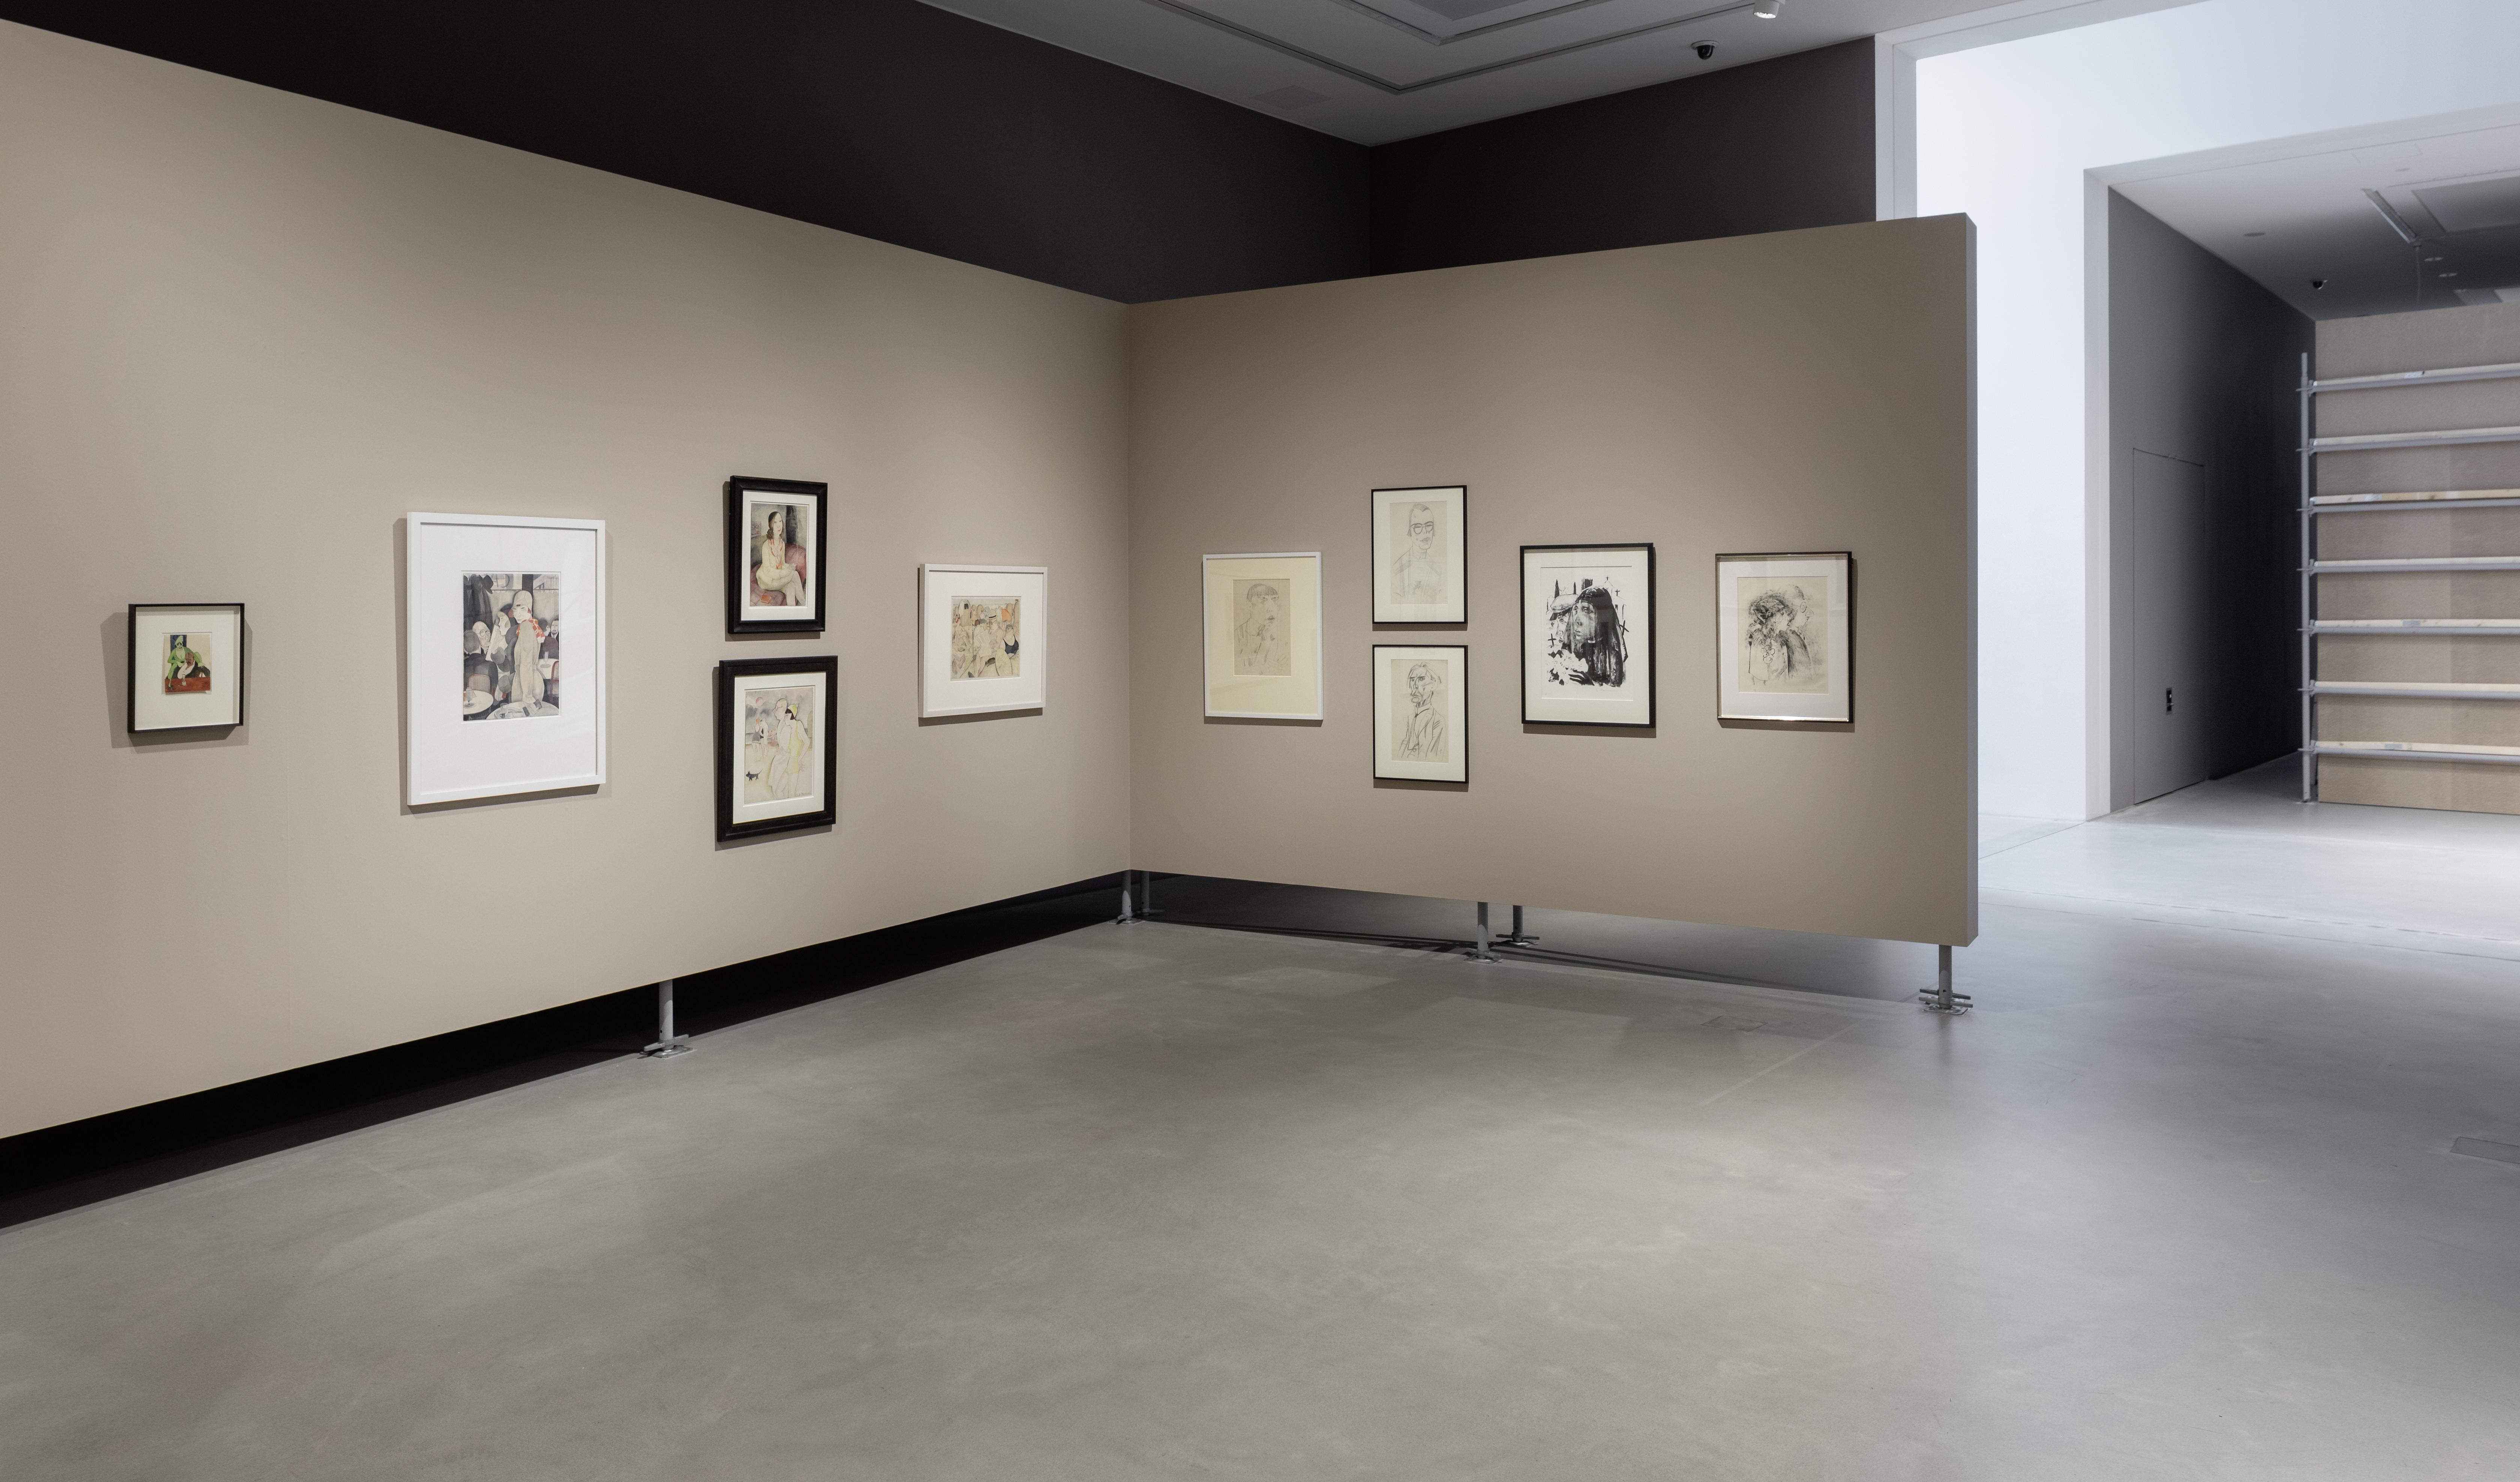 """Installationsansicht in der Ausstellung """"Umbruch"""" mit Werken von Jeanne Mammen, Kunsthalle Mannheim, 2020; Kunsthalle Mannheim/Foto: Rainer Diehl"""